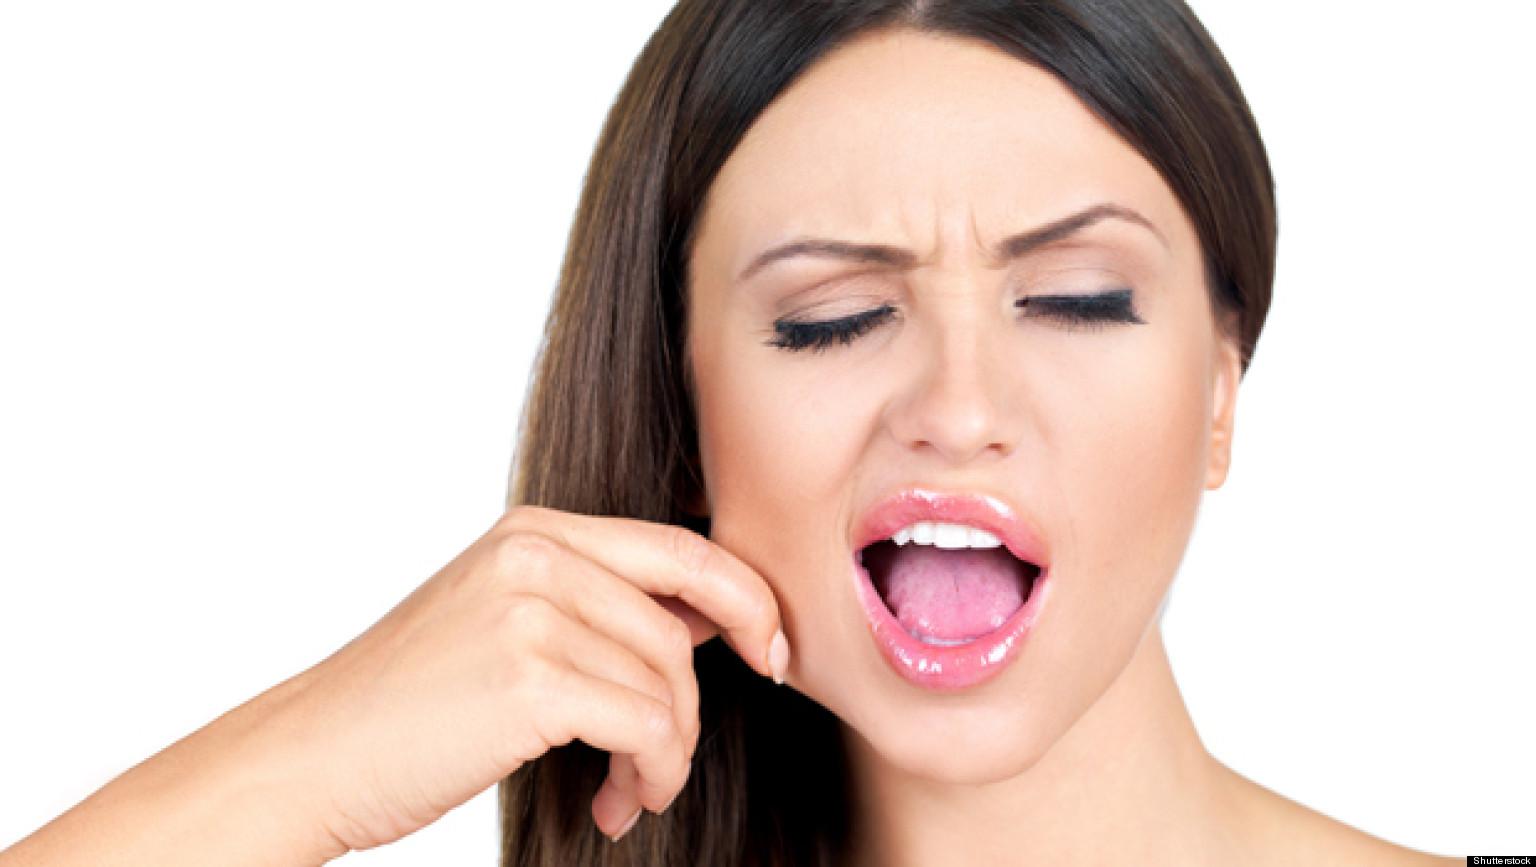 Как поправиться на лицо, чтобы щечки появились (что сделать и) 17